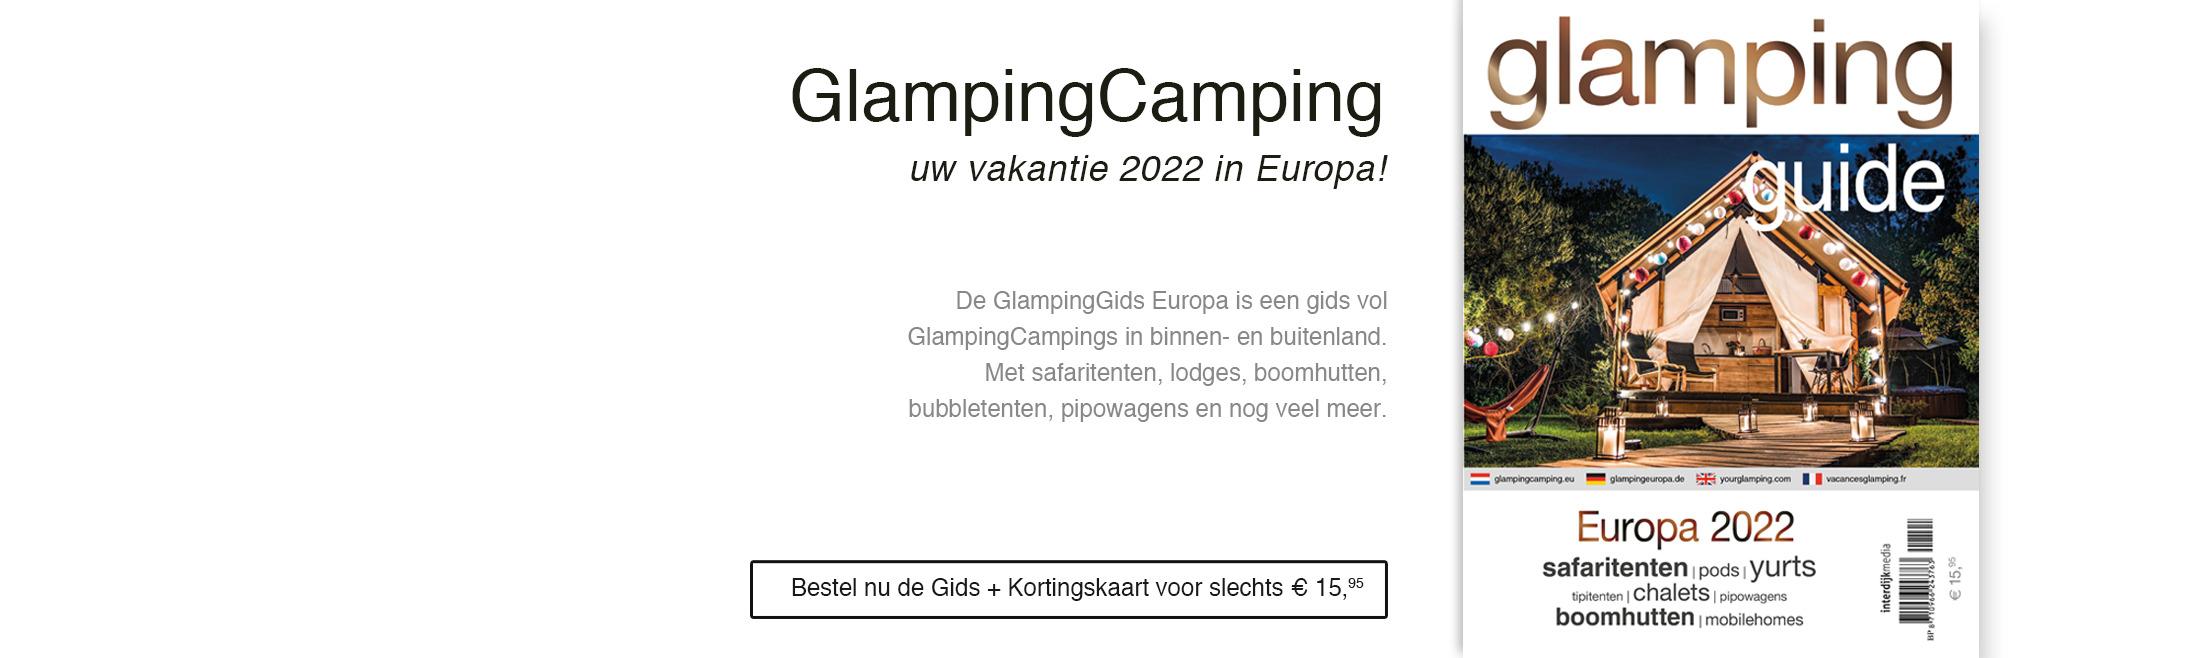 GlampingCamping 2022